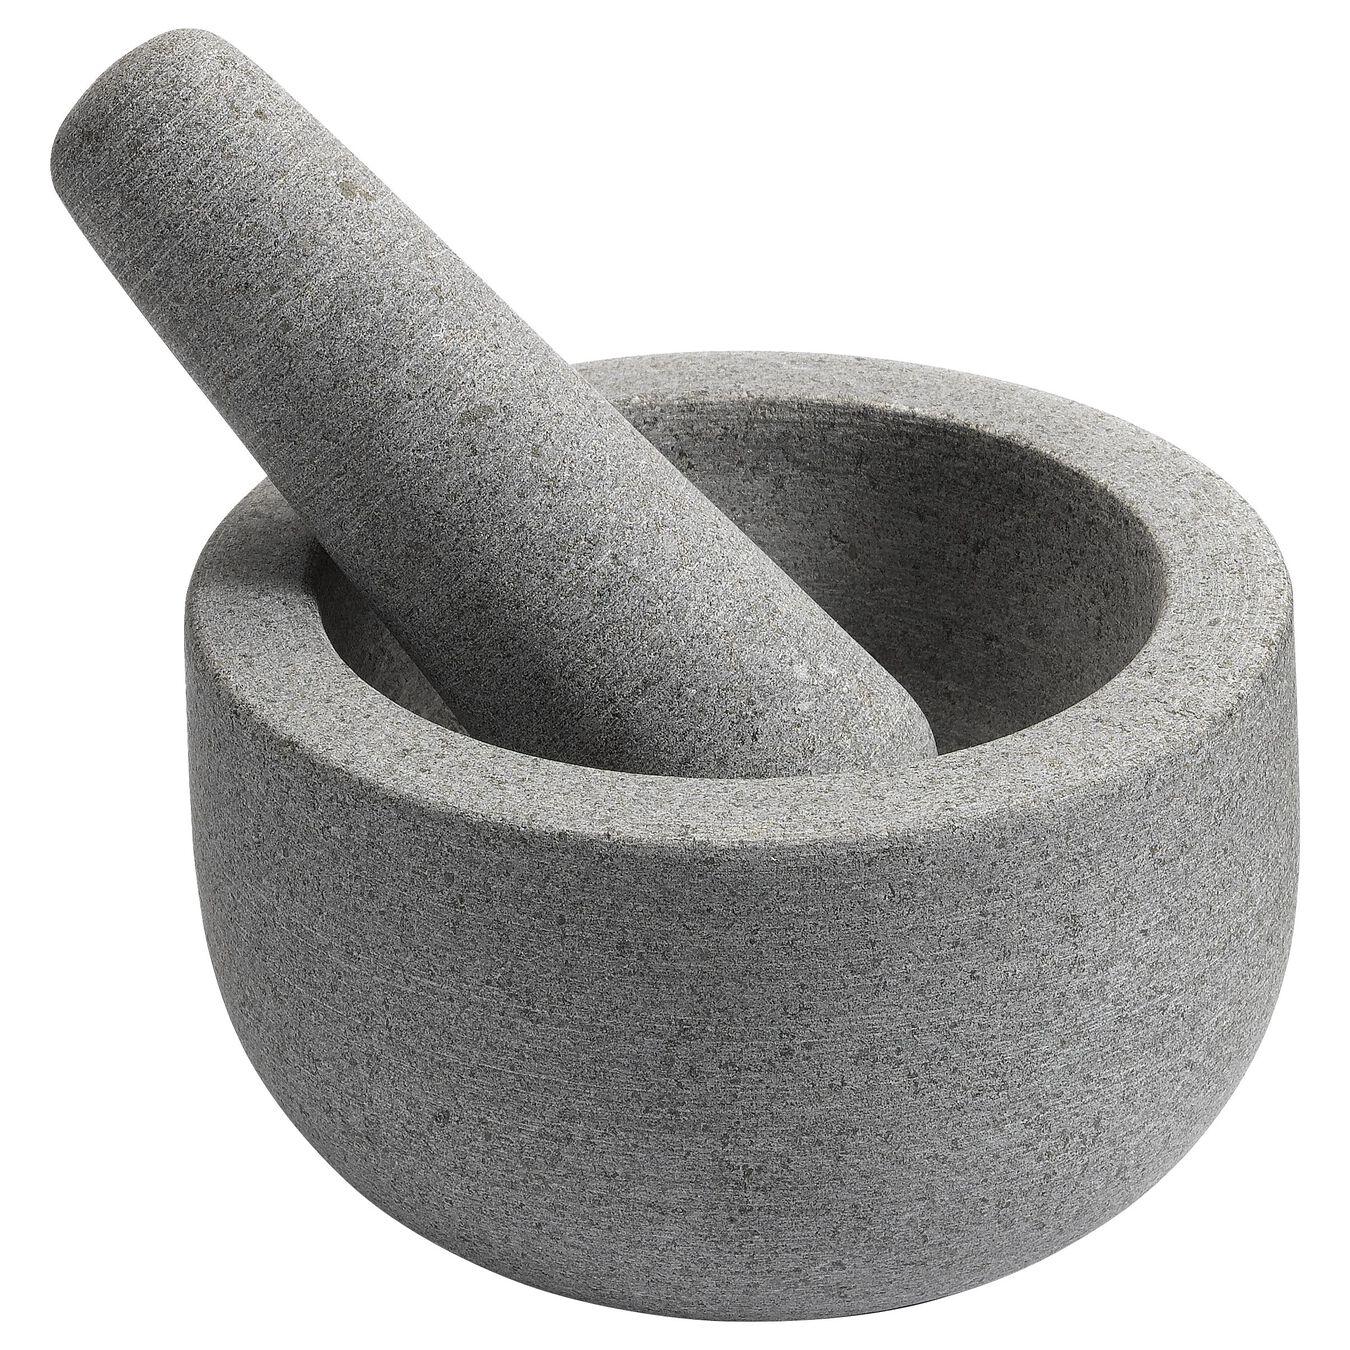 Mörser, rund | Grau | Granit,,large 1